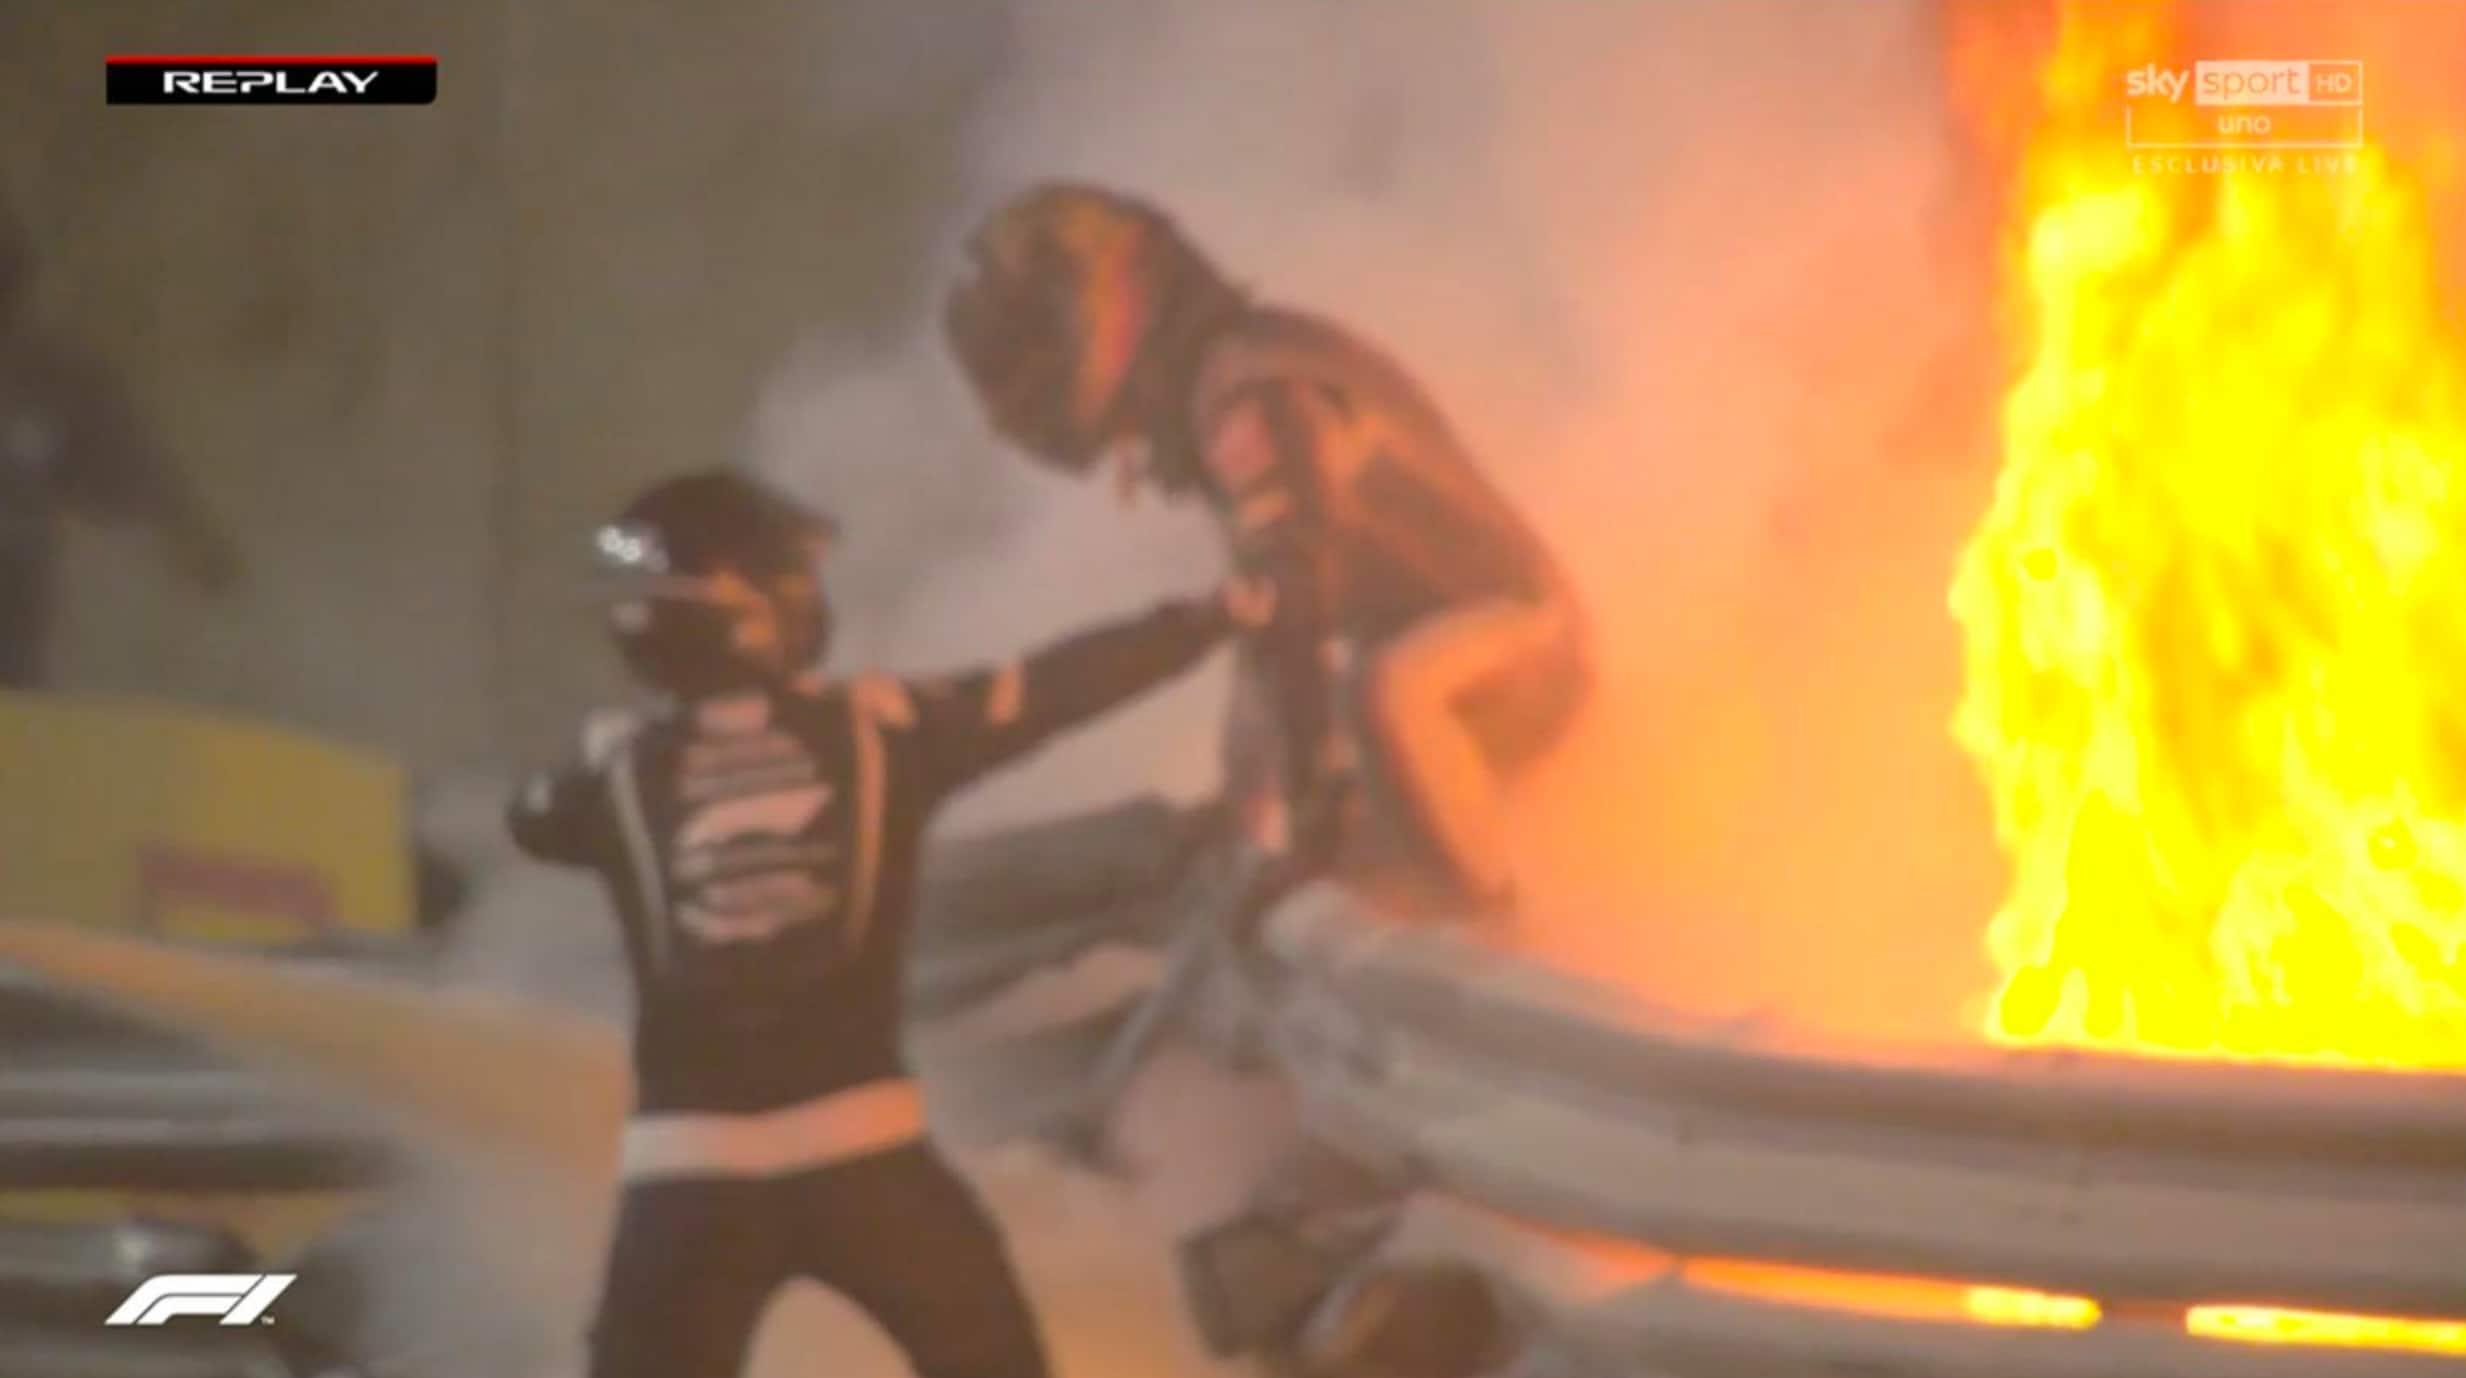 F1, Grosjean esce dalle fiamme dopo il terribile incidente in Bahrain